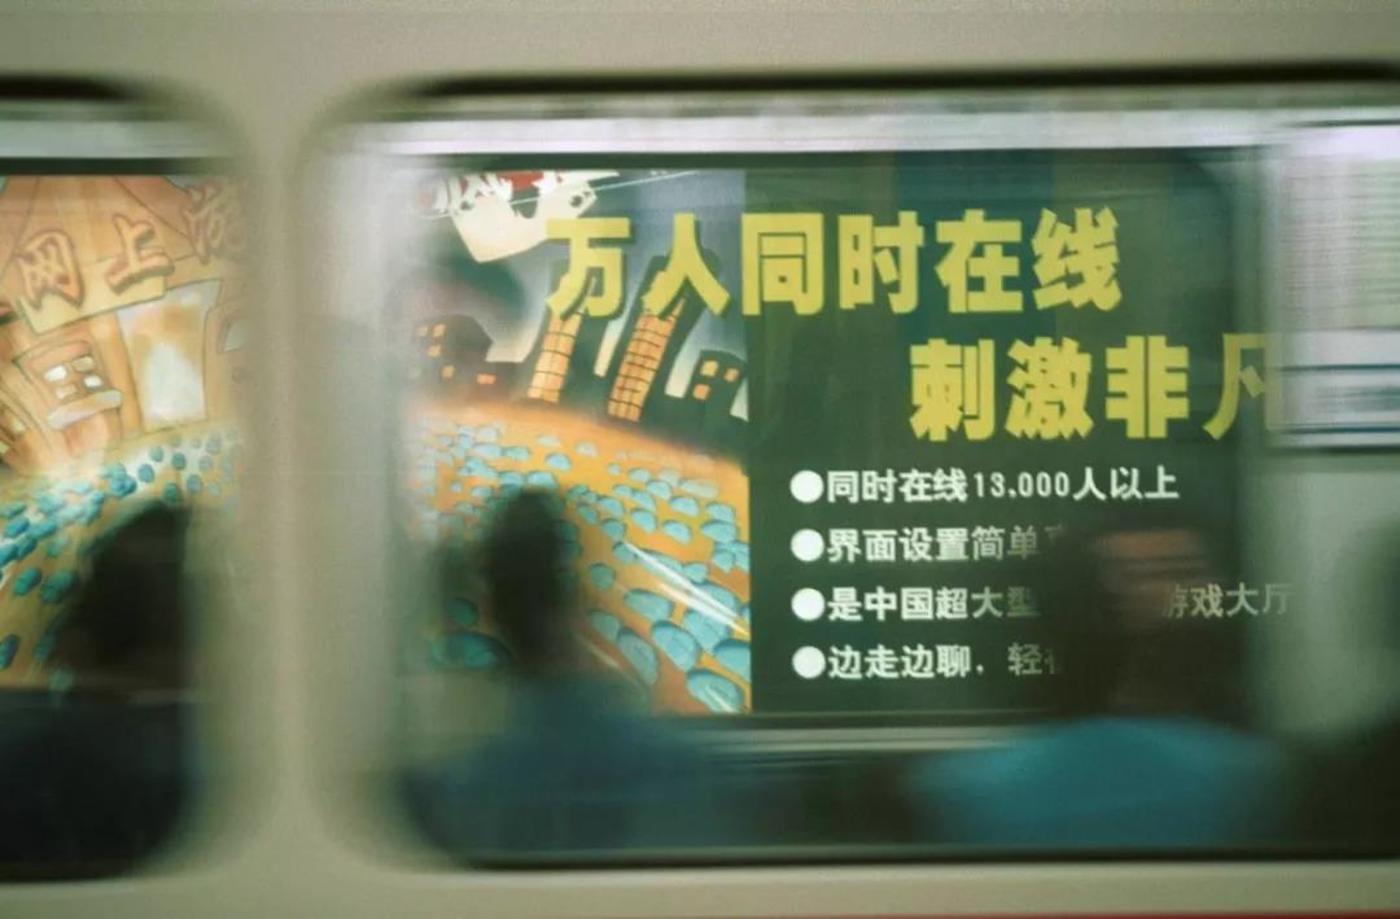 2001年,北京地铁内的联众在线游戏灯箱广告(图片来源:视觉中国)